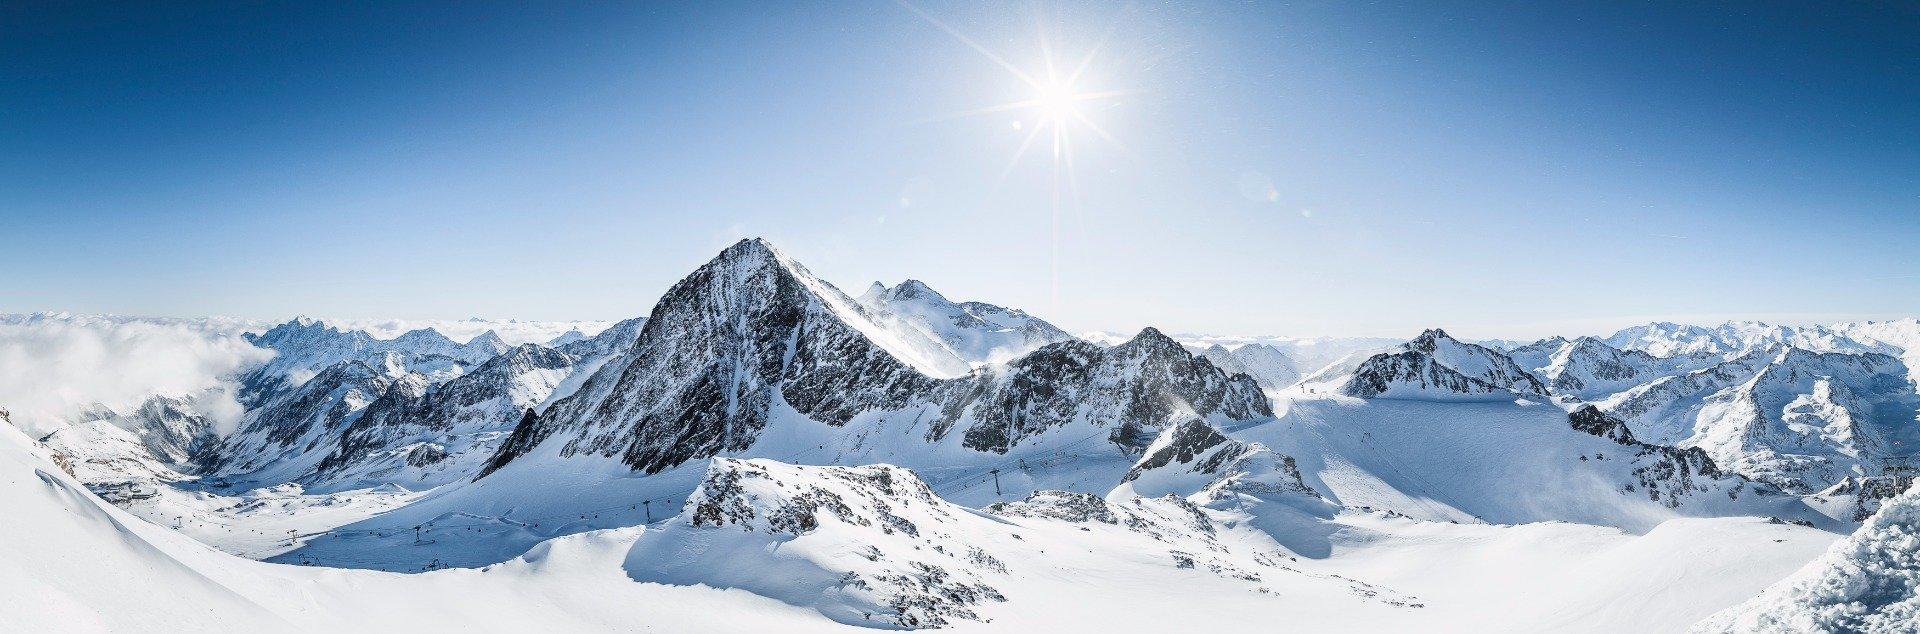 Pohádkový výhled z vrcholu ledovce - © Andre Schönherr